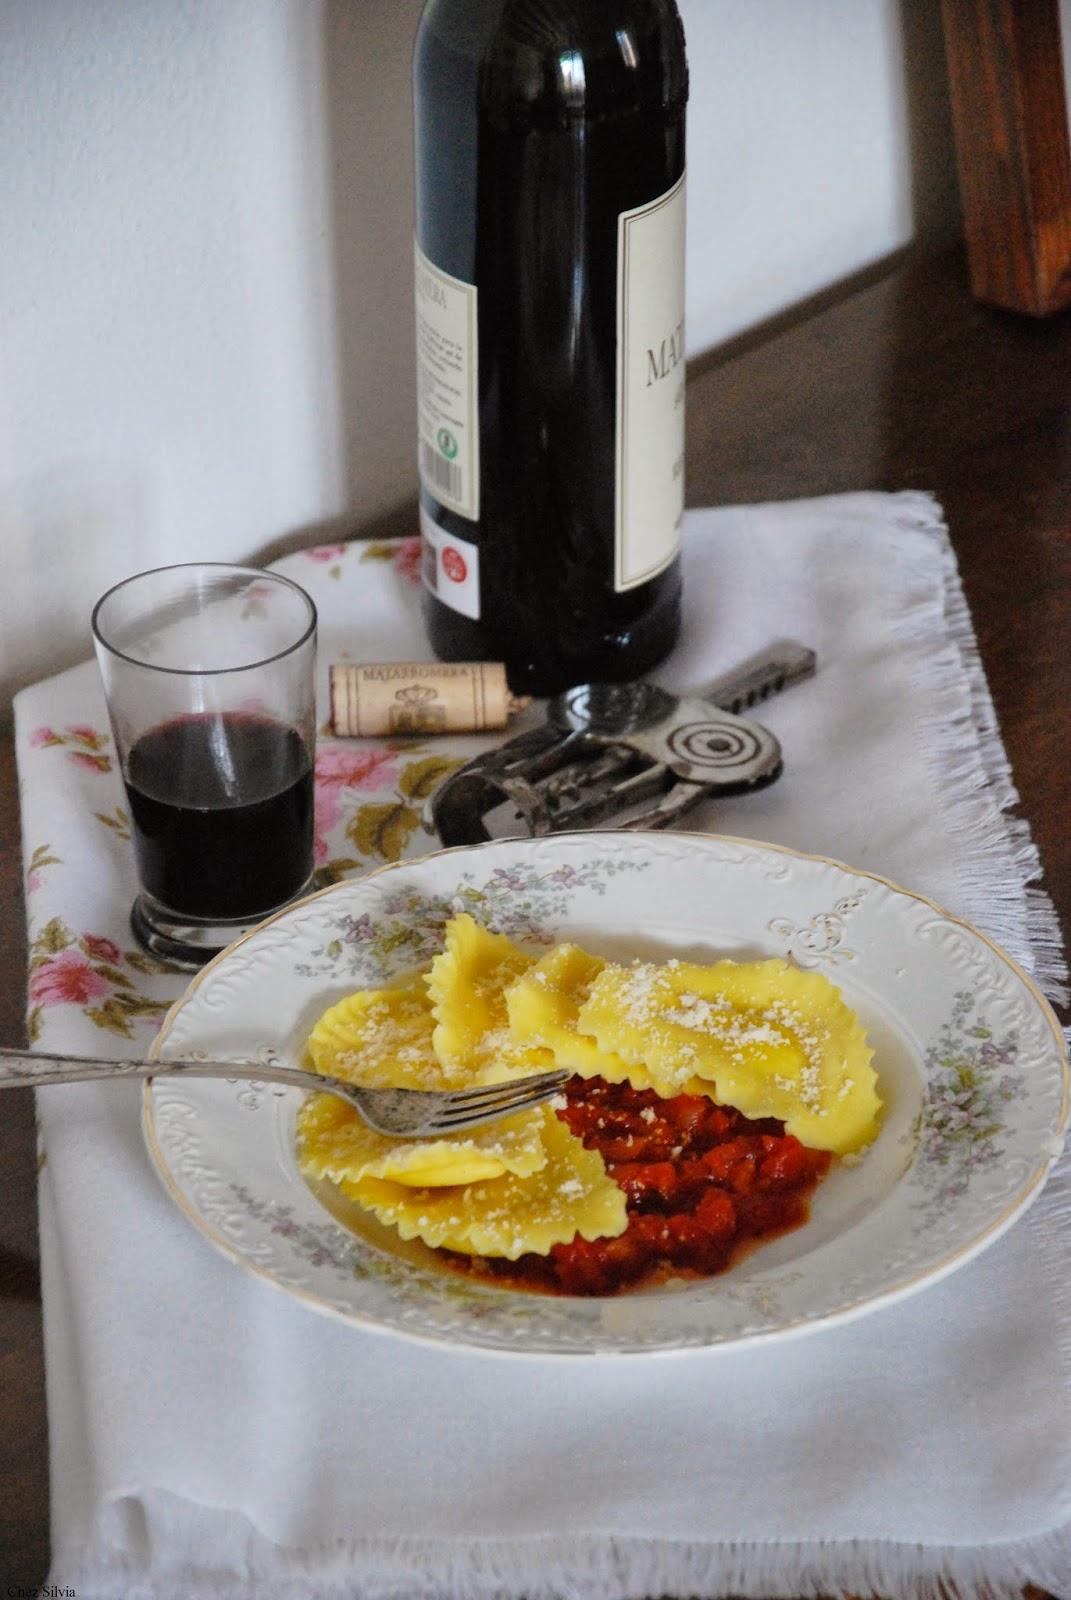 conchas de burrata con salsa de tomate. Vaso y botella de vino